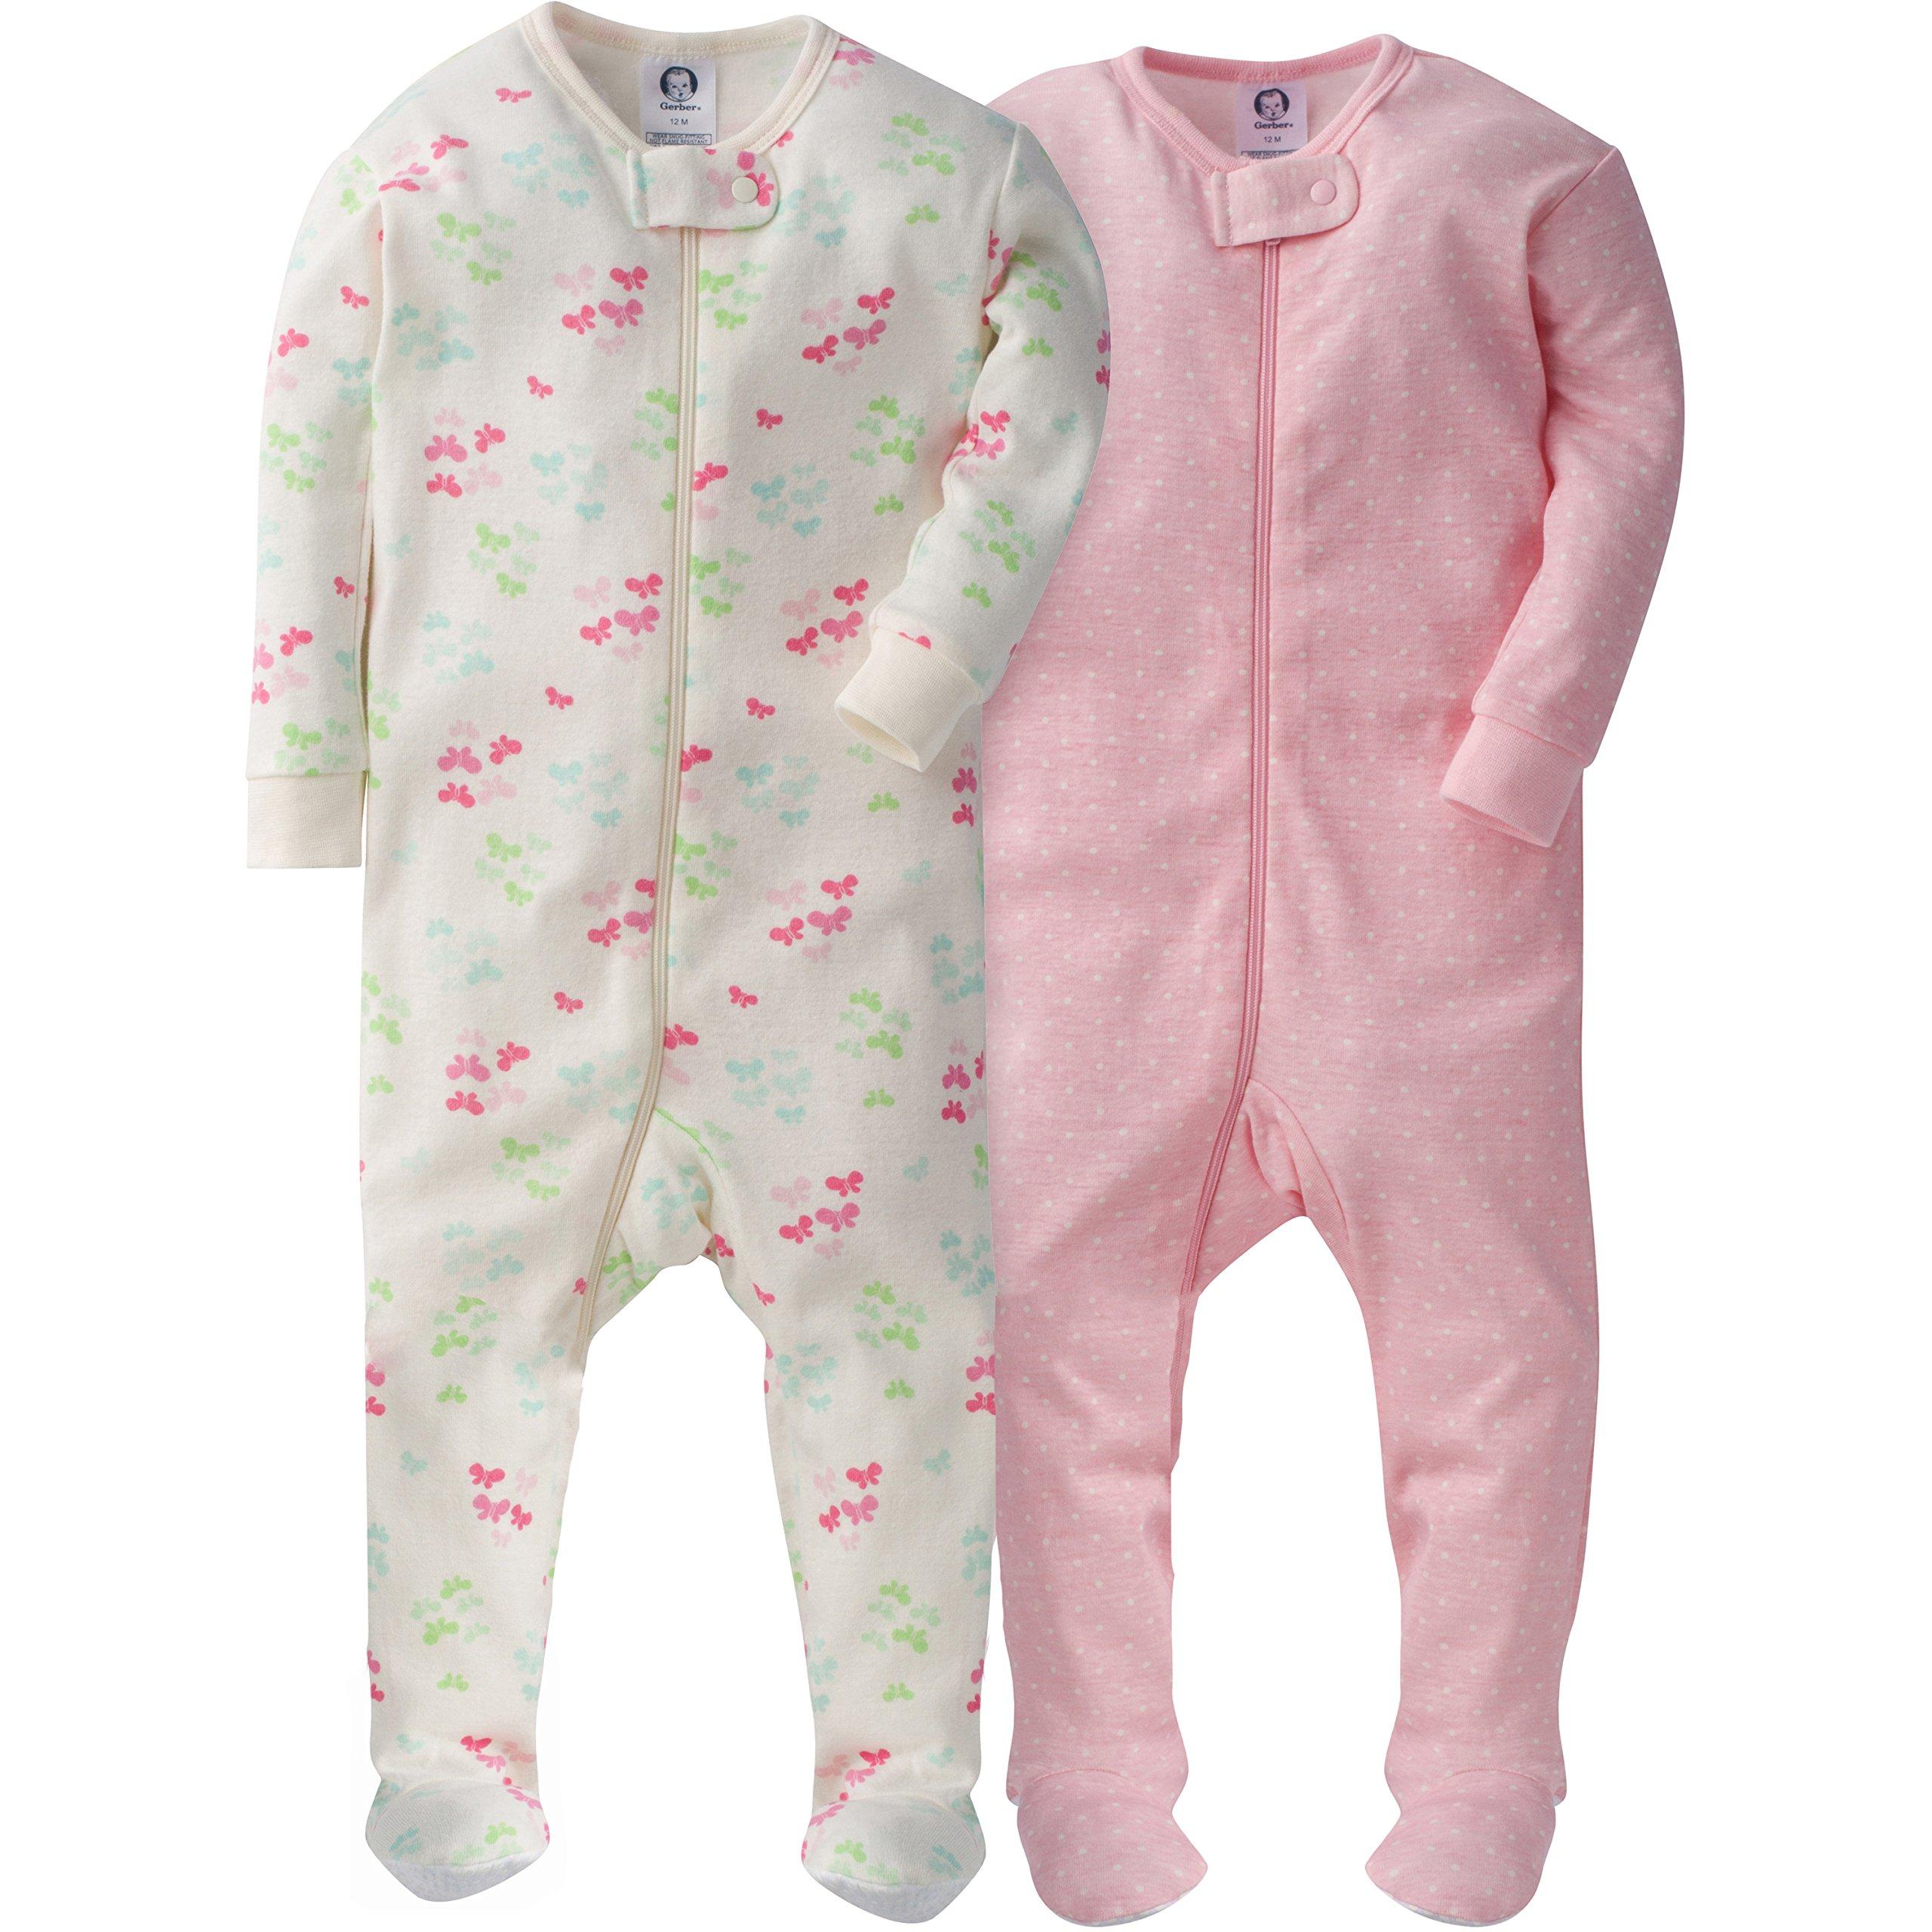 Gerber Girls' 2 Pack Footed Sleeper, Dots/Butterflies, 6 Months